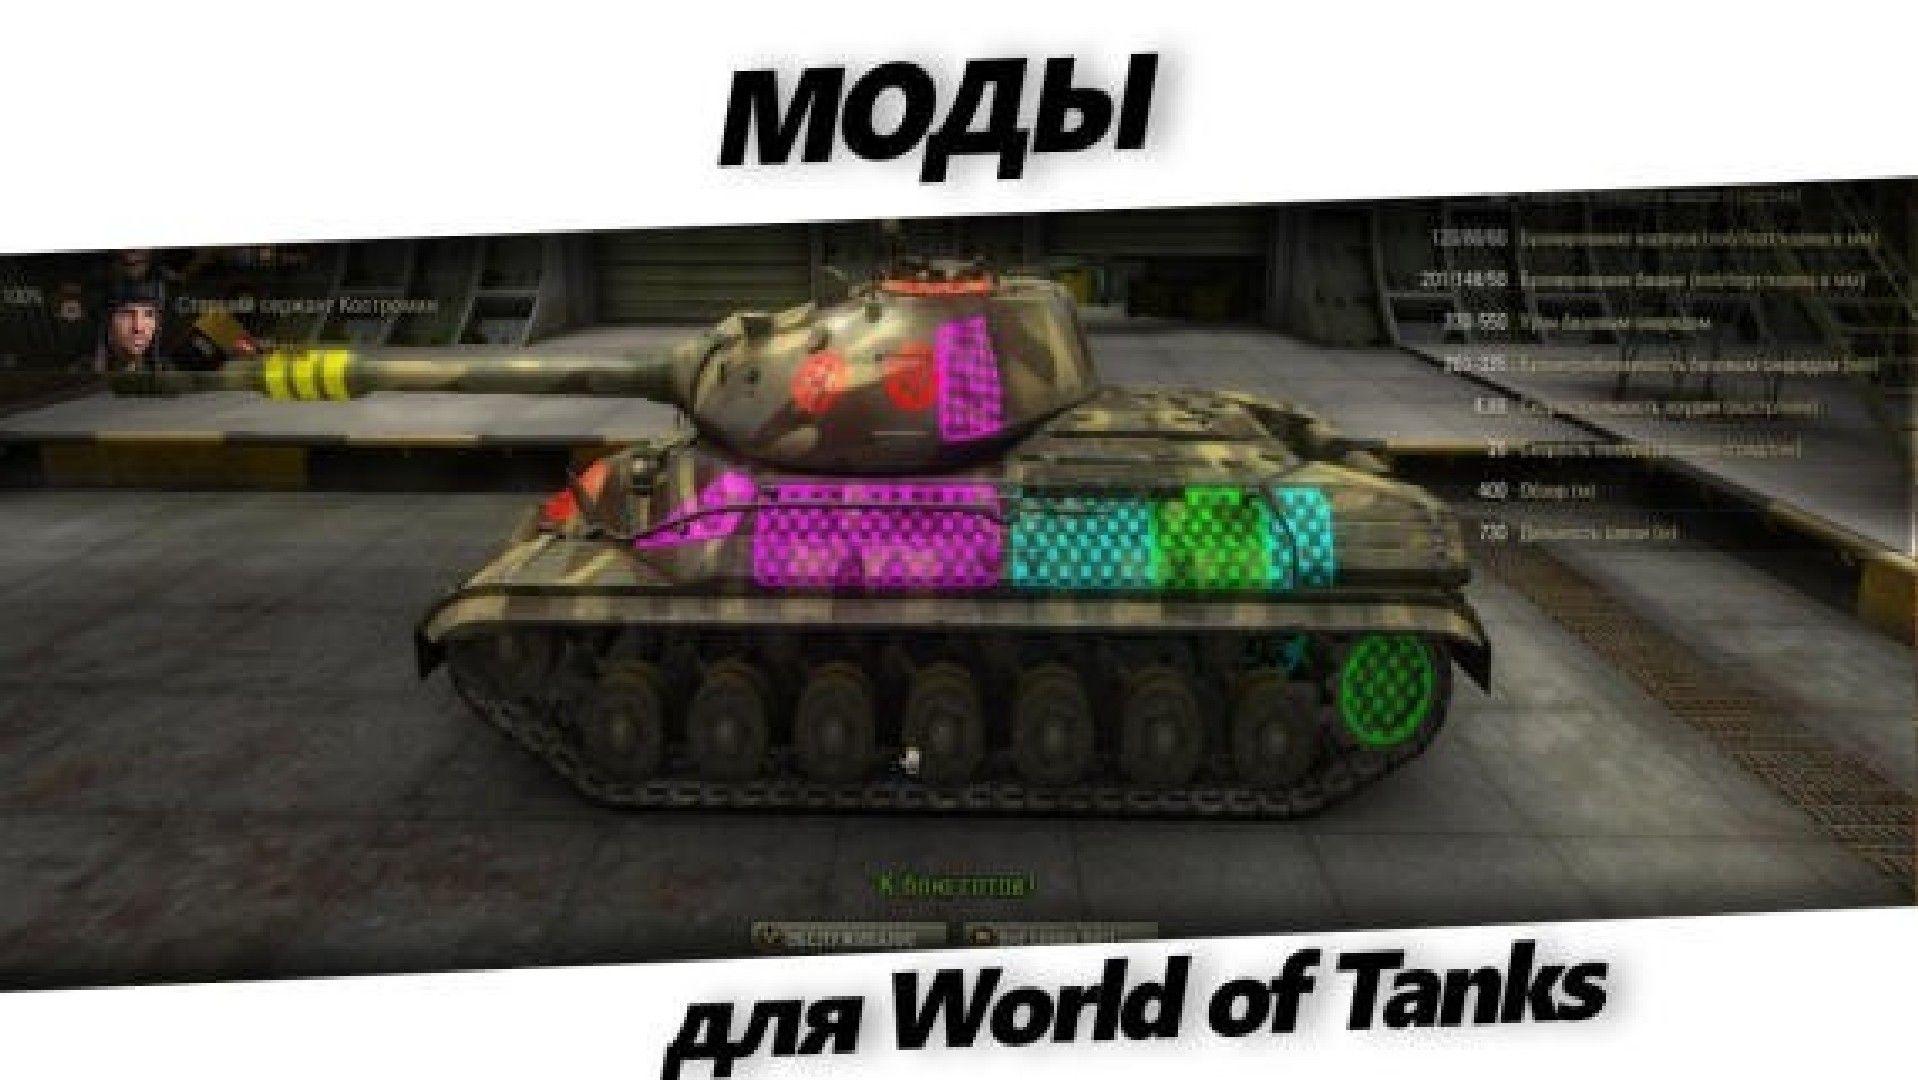 официальные моды для world of tanks скачать